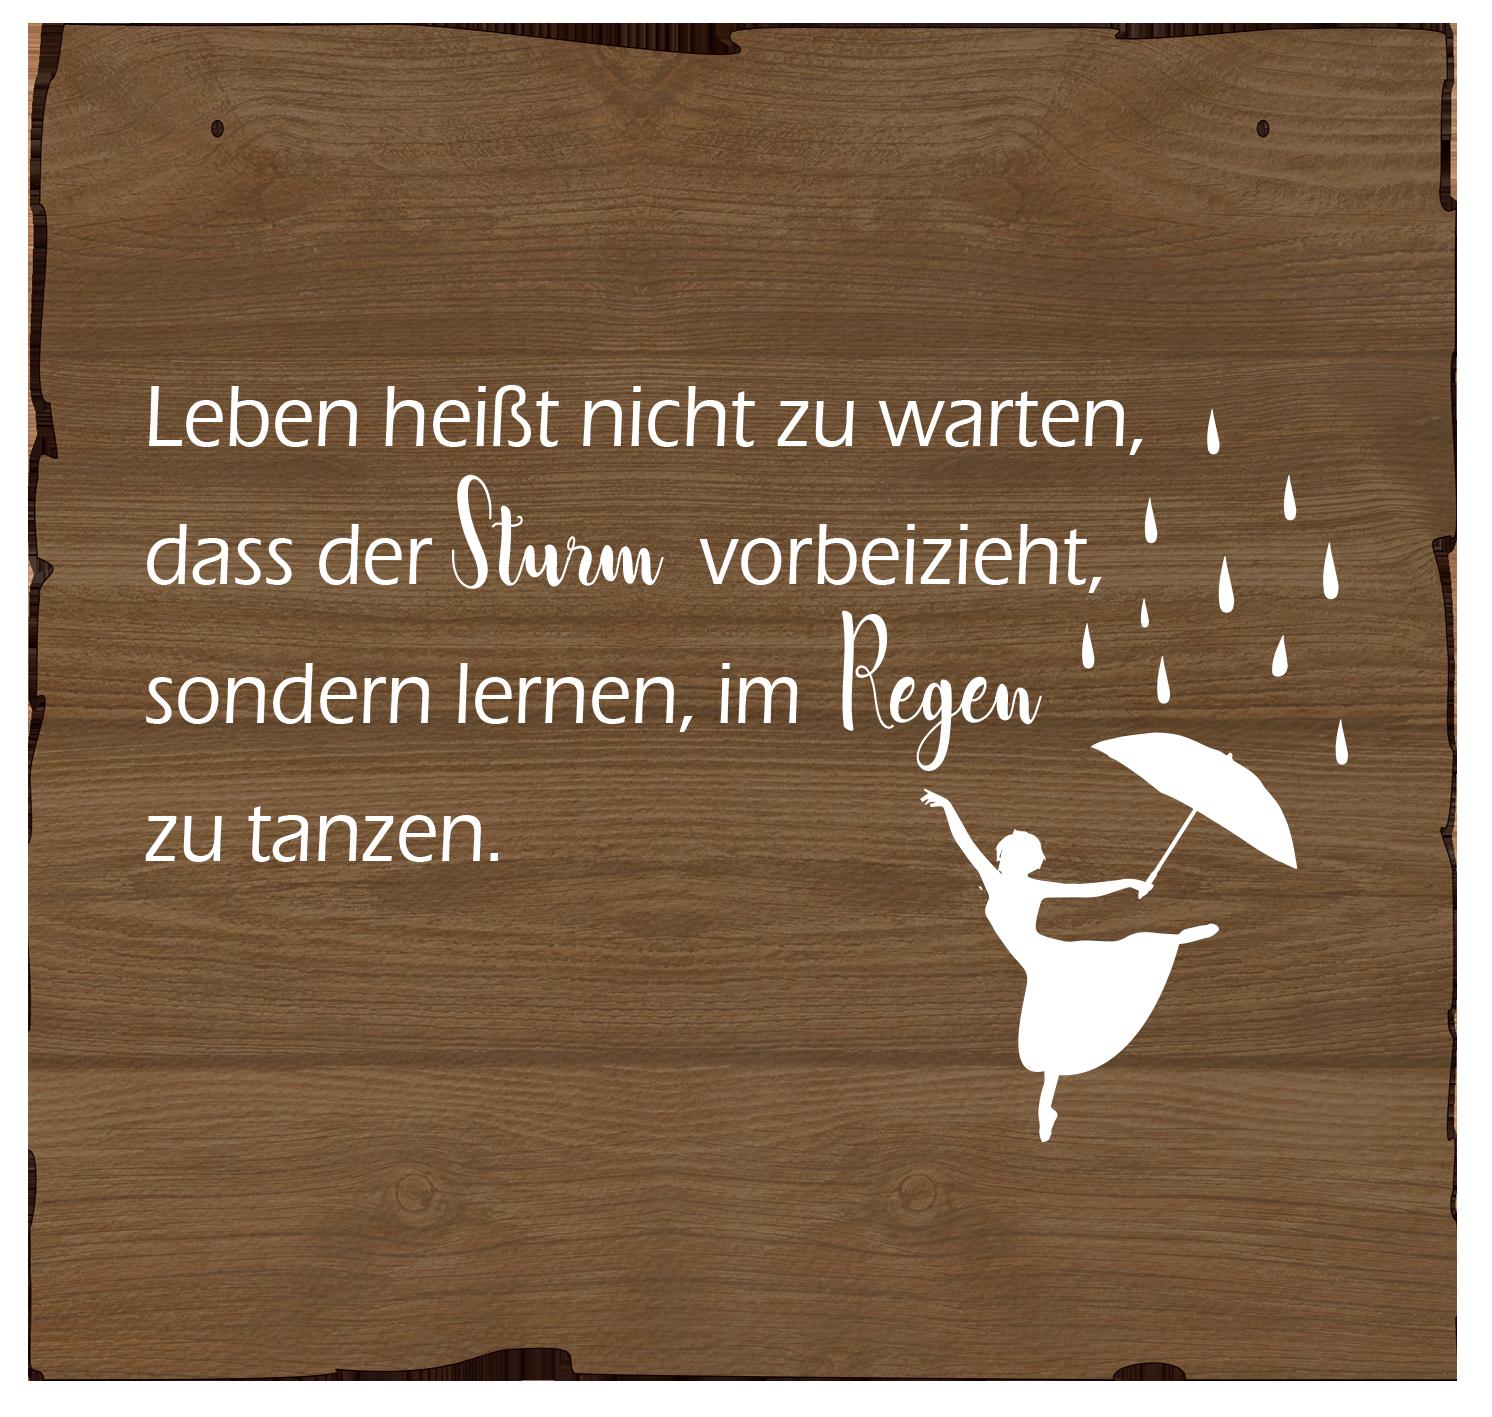 Wandbild Regen tanzen